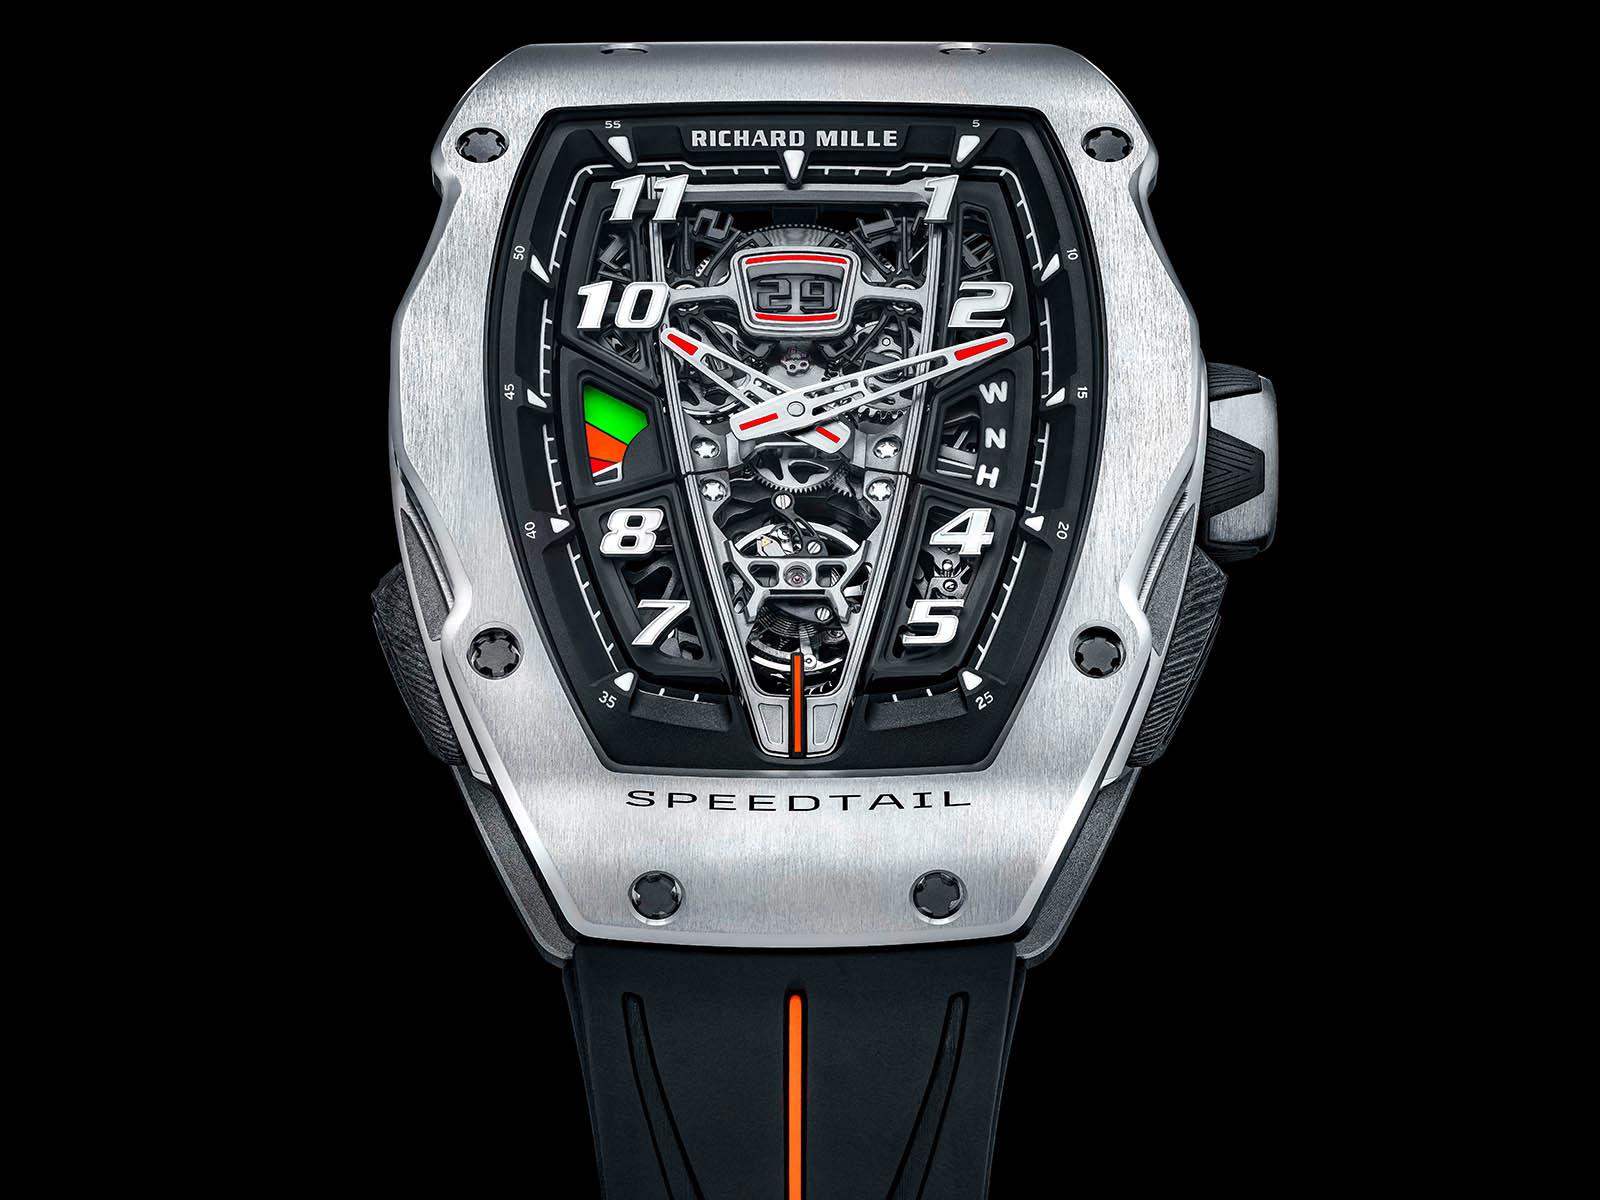 richard-mille-40-01-automatic-tourbillon-mclaren-speedtail-6.jpg